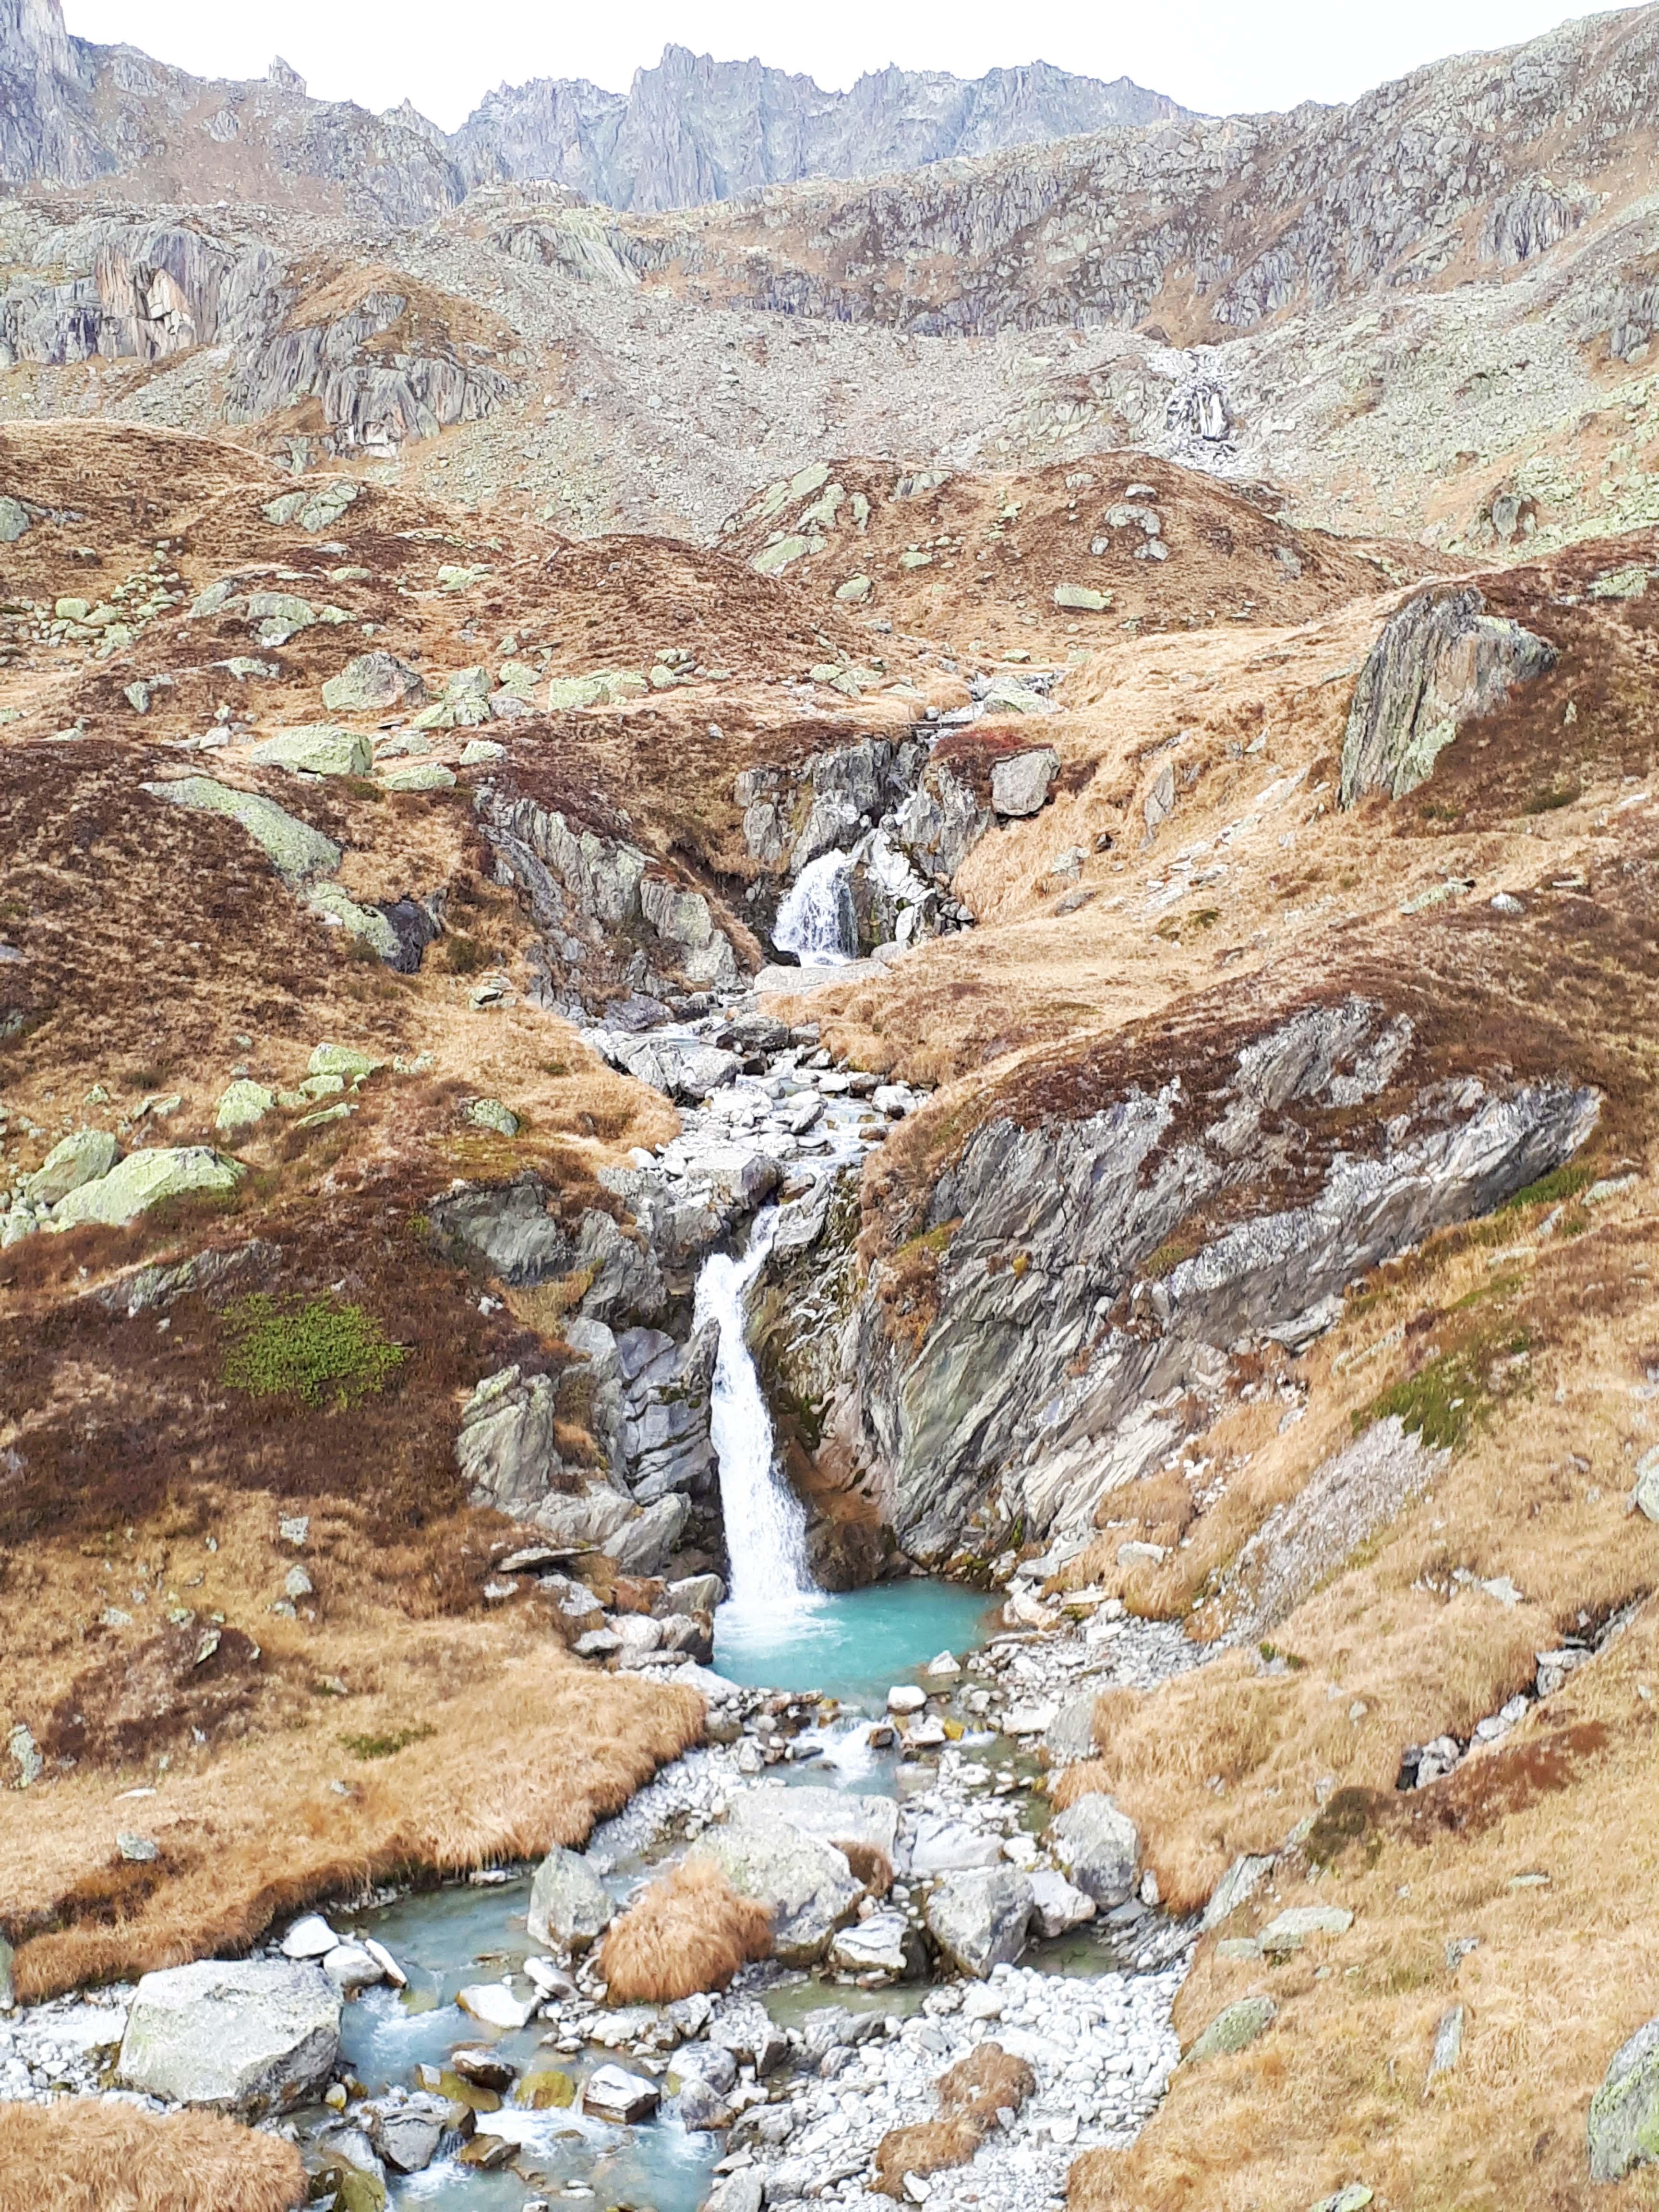 Der Abstieg entlang des Älpetlistockbachs führt durch eine wunderschöne Landschaft.